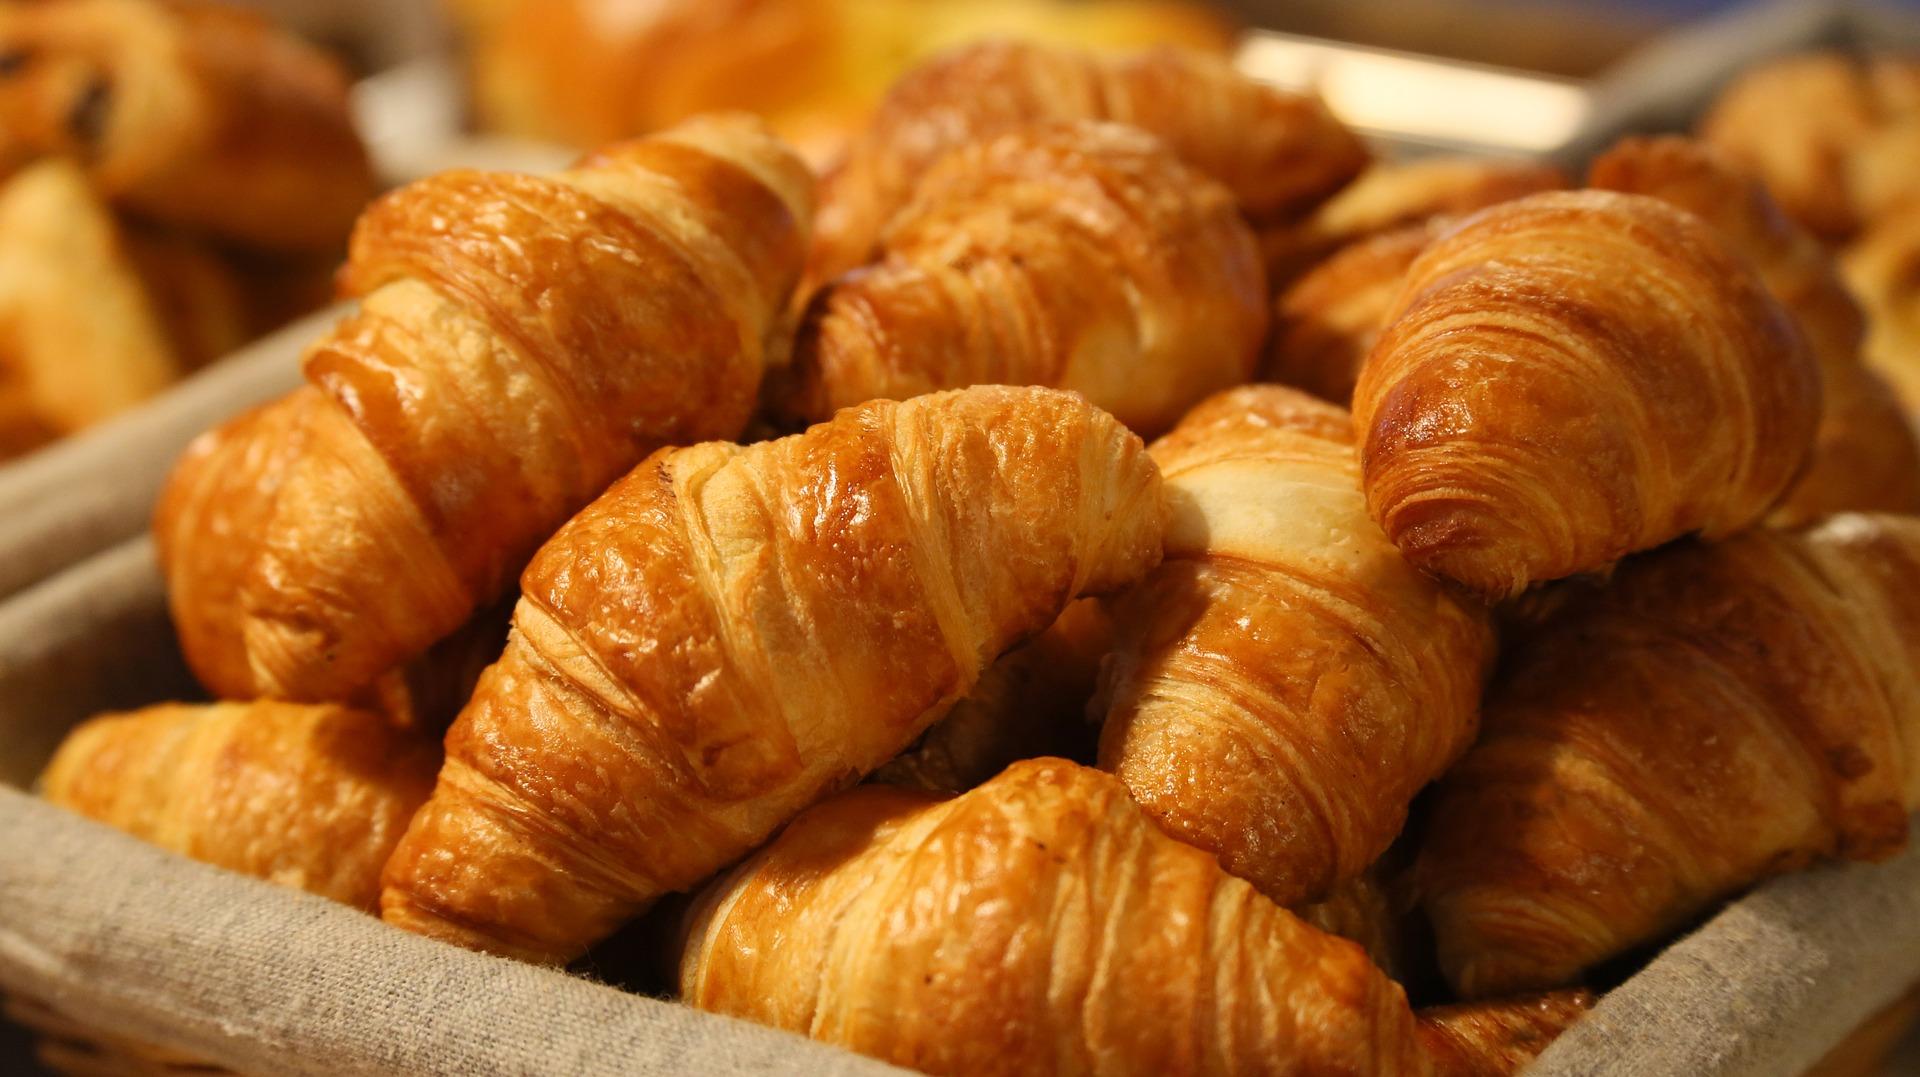 Vemos vários croissants em uma cesta (imagem ilustrativa). Texto: franquias gastronomia.